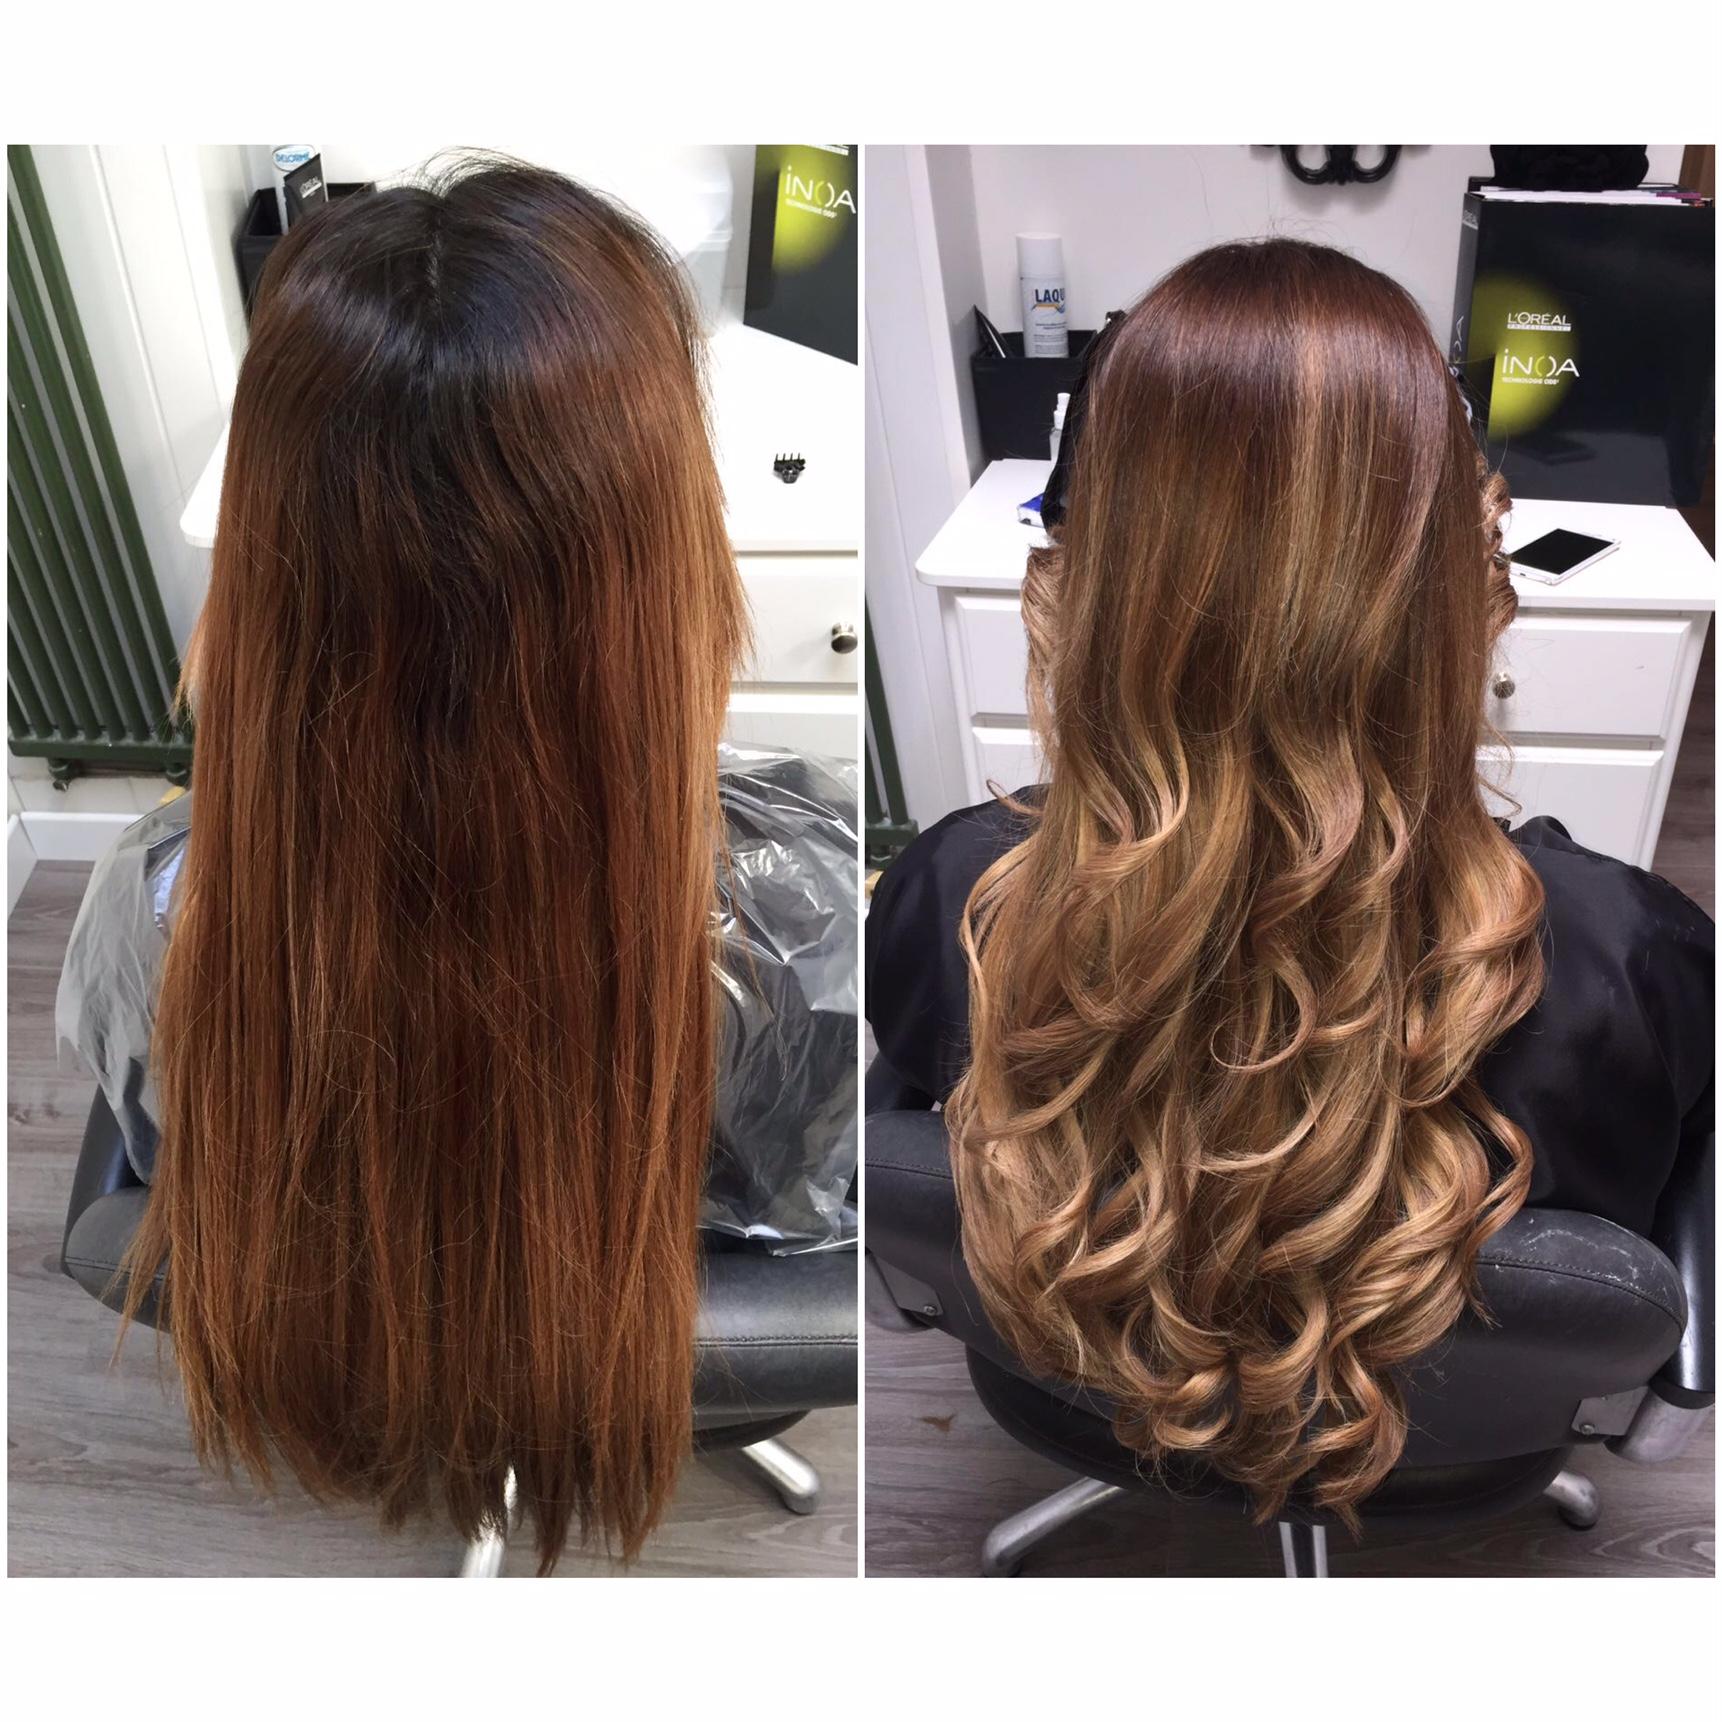 Le salon de naelle l 39 ombr hair ou tie and dye - Ombre hair brun caramel ...